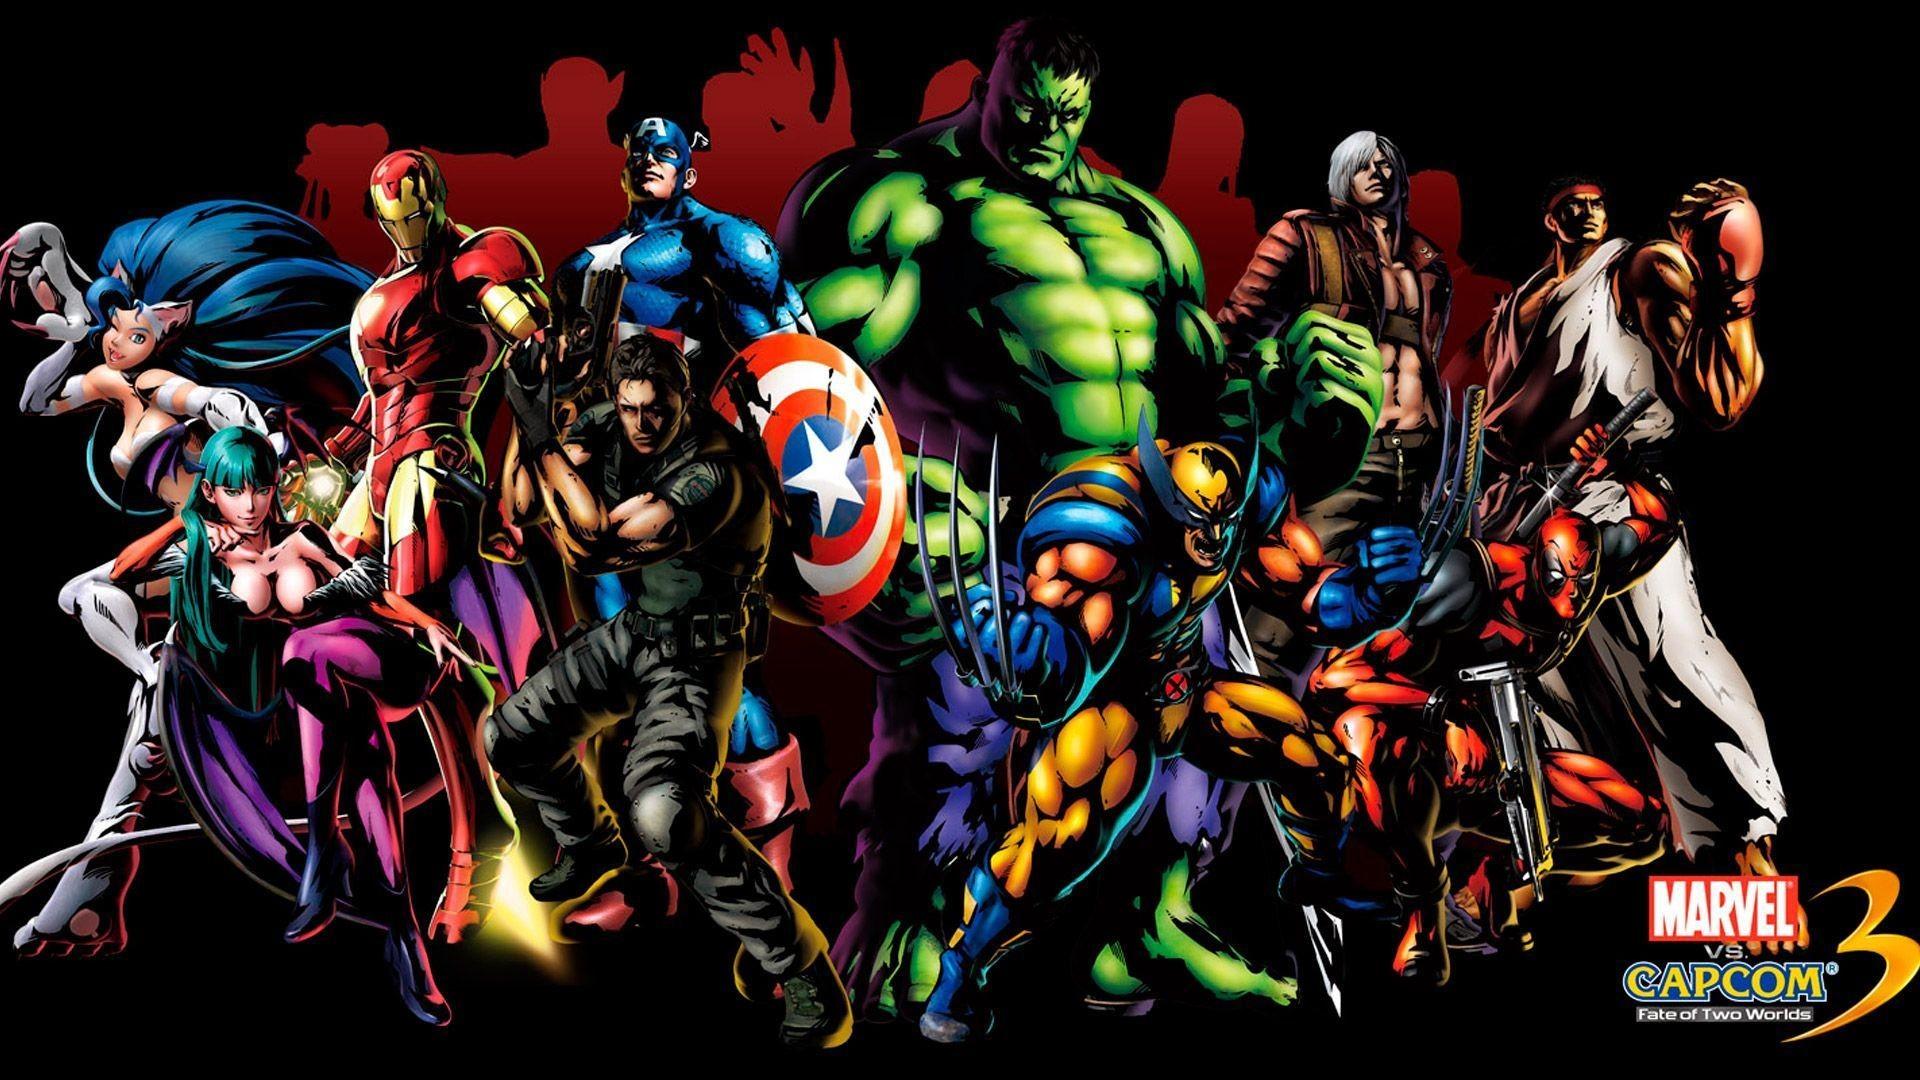 28+ Super Heroes Wallpaper HD on WallpaperSafari